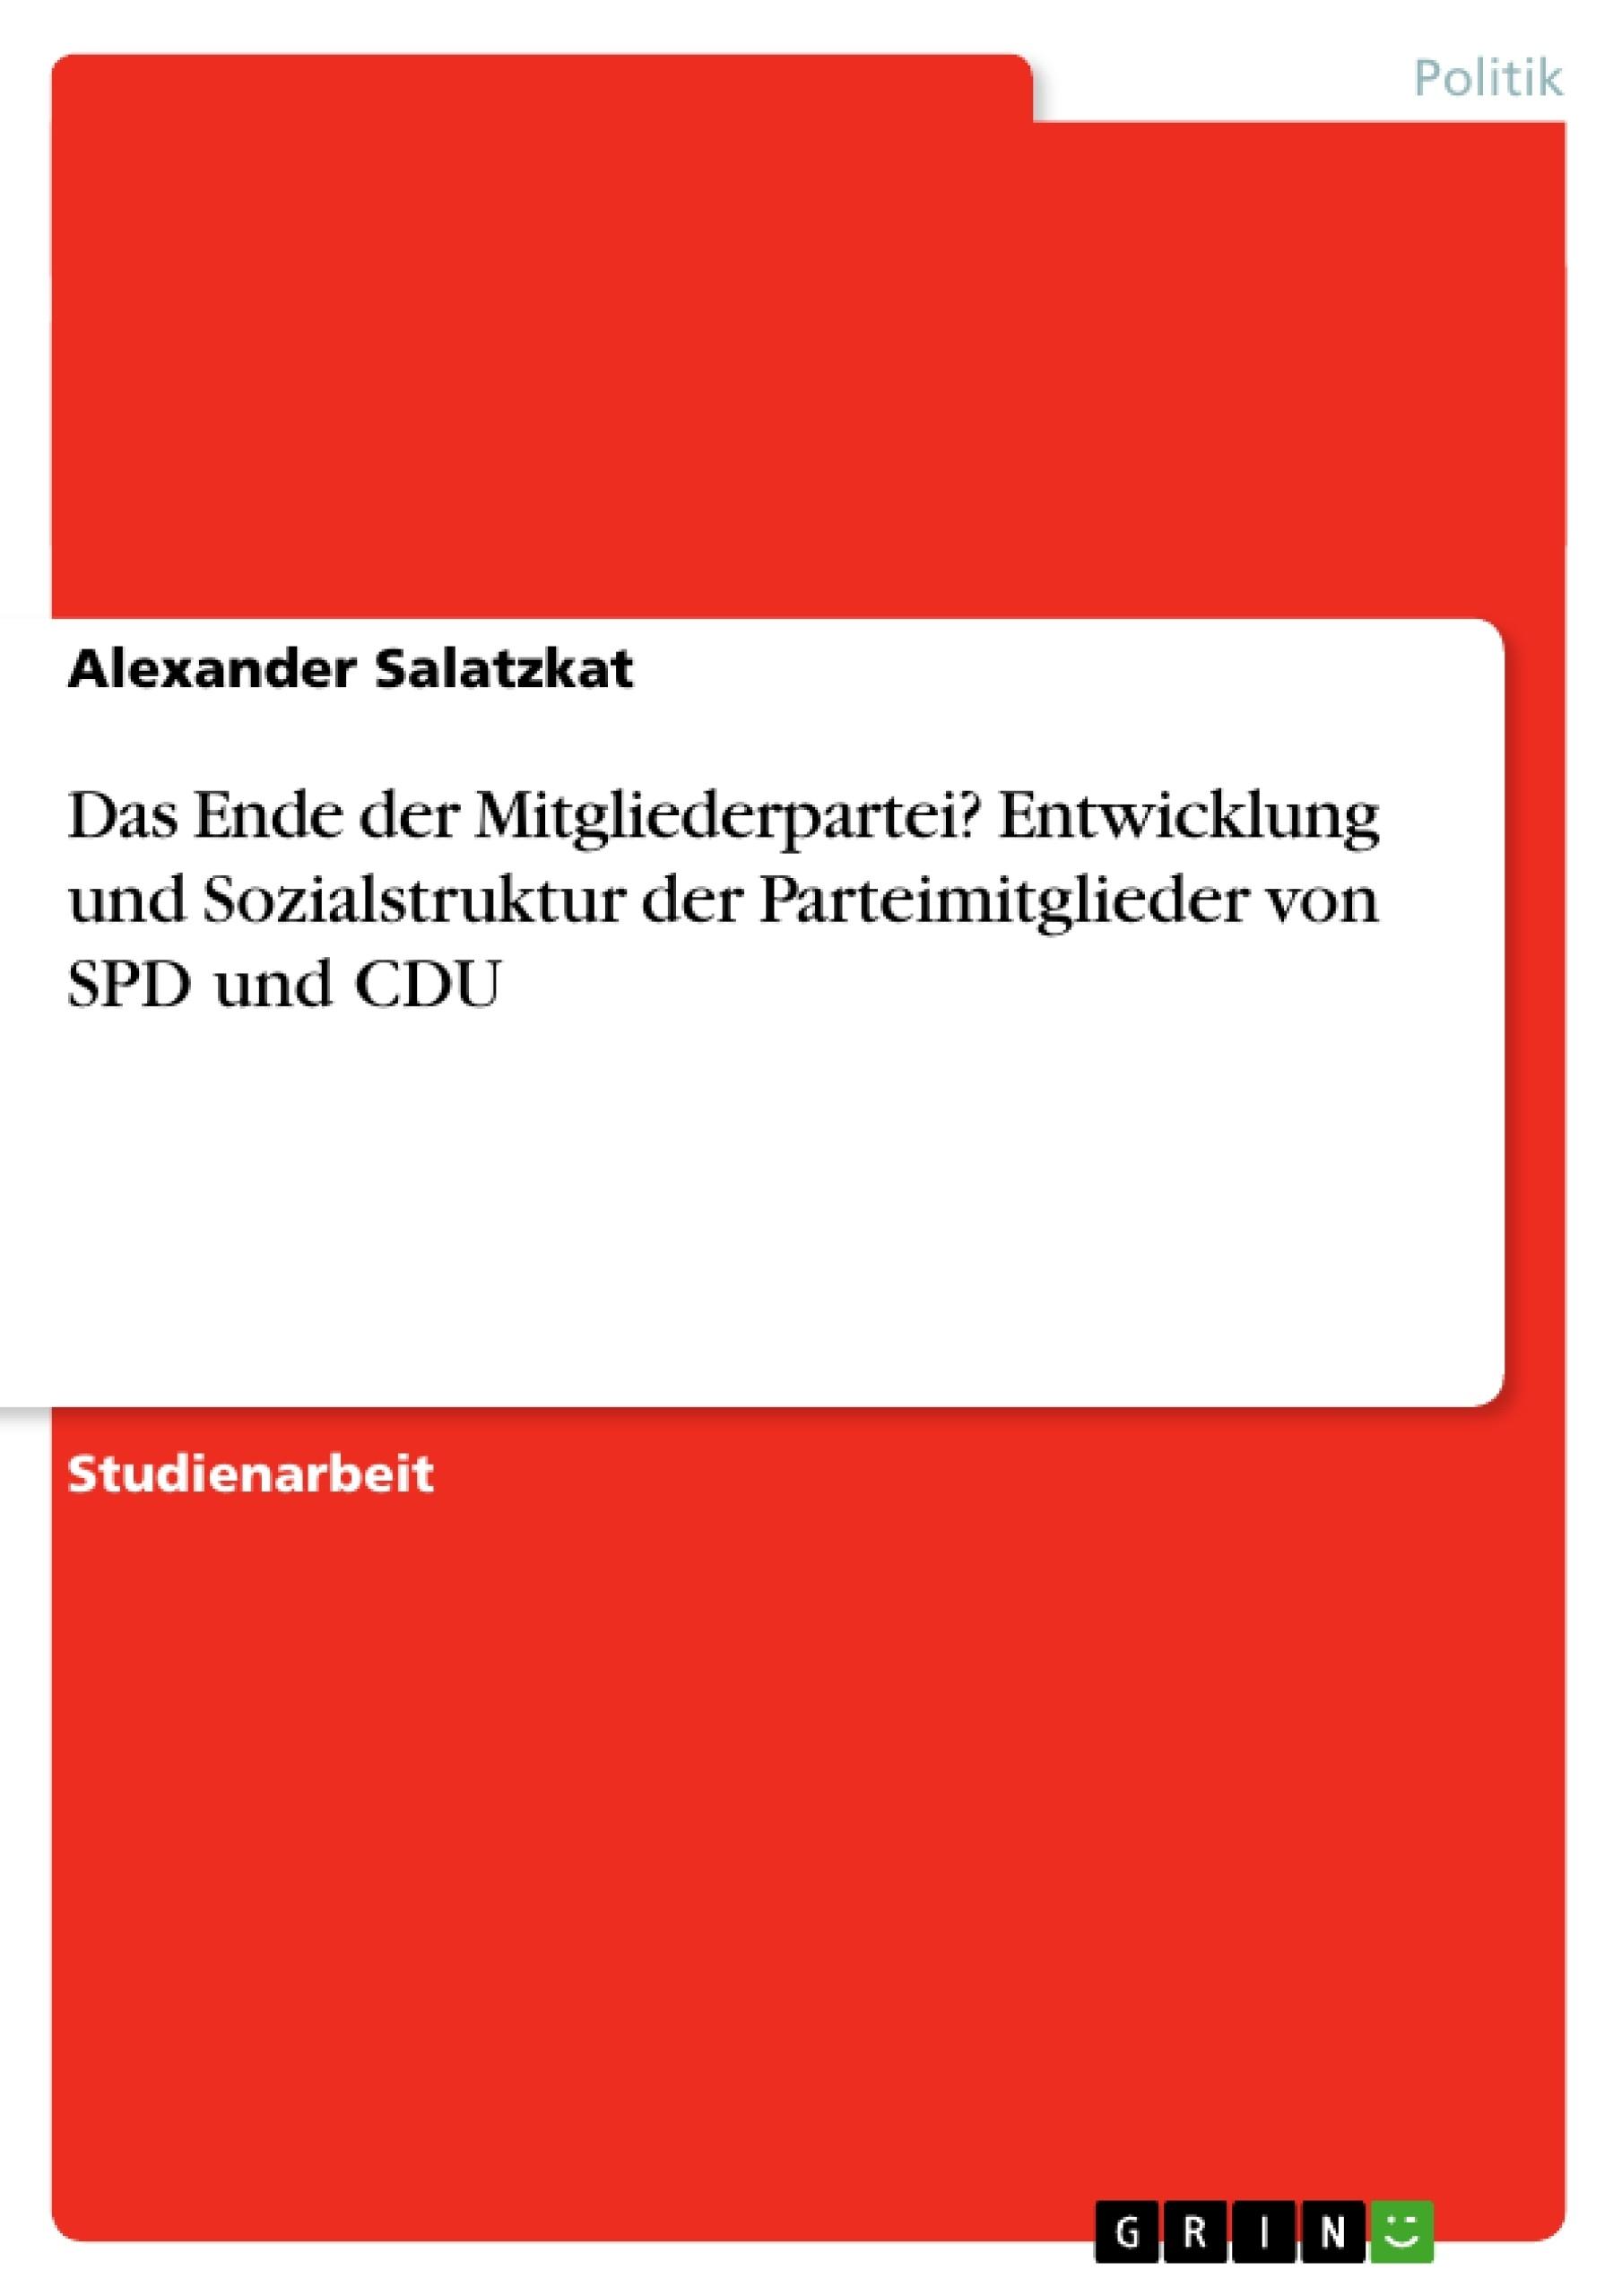 Titel: Das Ende der Mitgliederpartei? Entwicklung und Sozialstruktur der Parteimitglieder von SPD und CDU